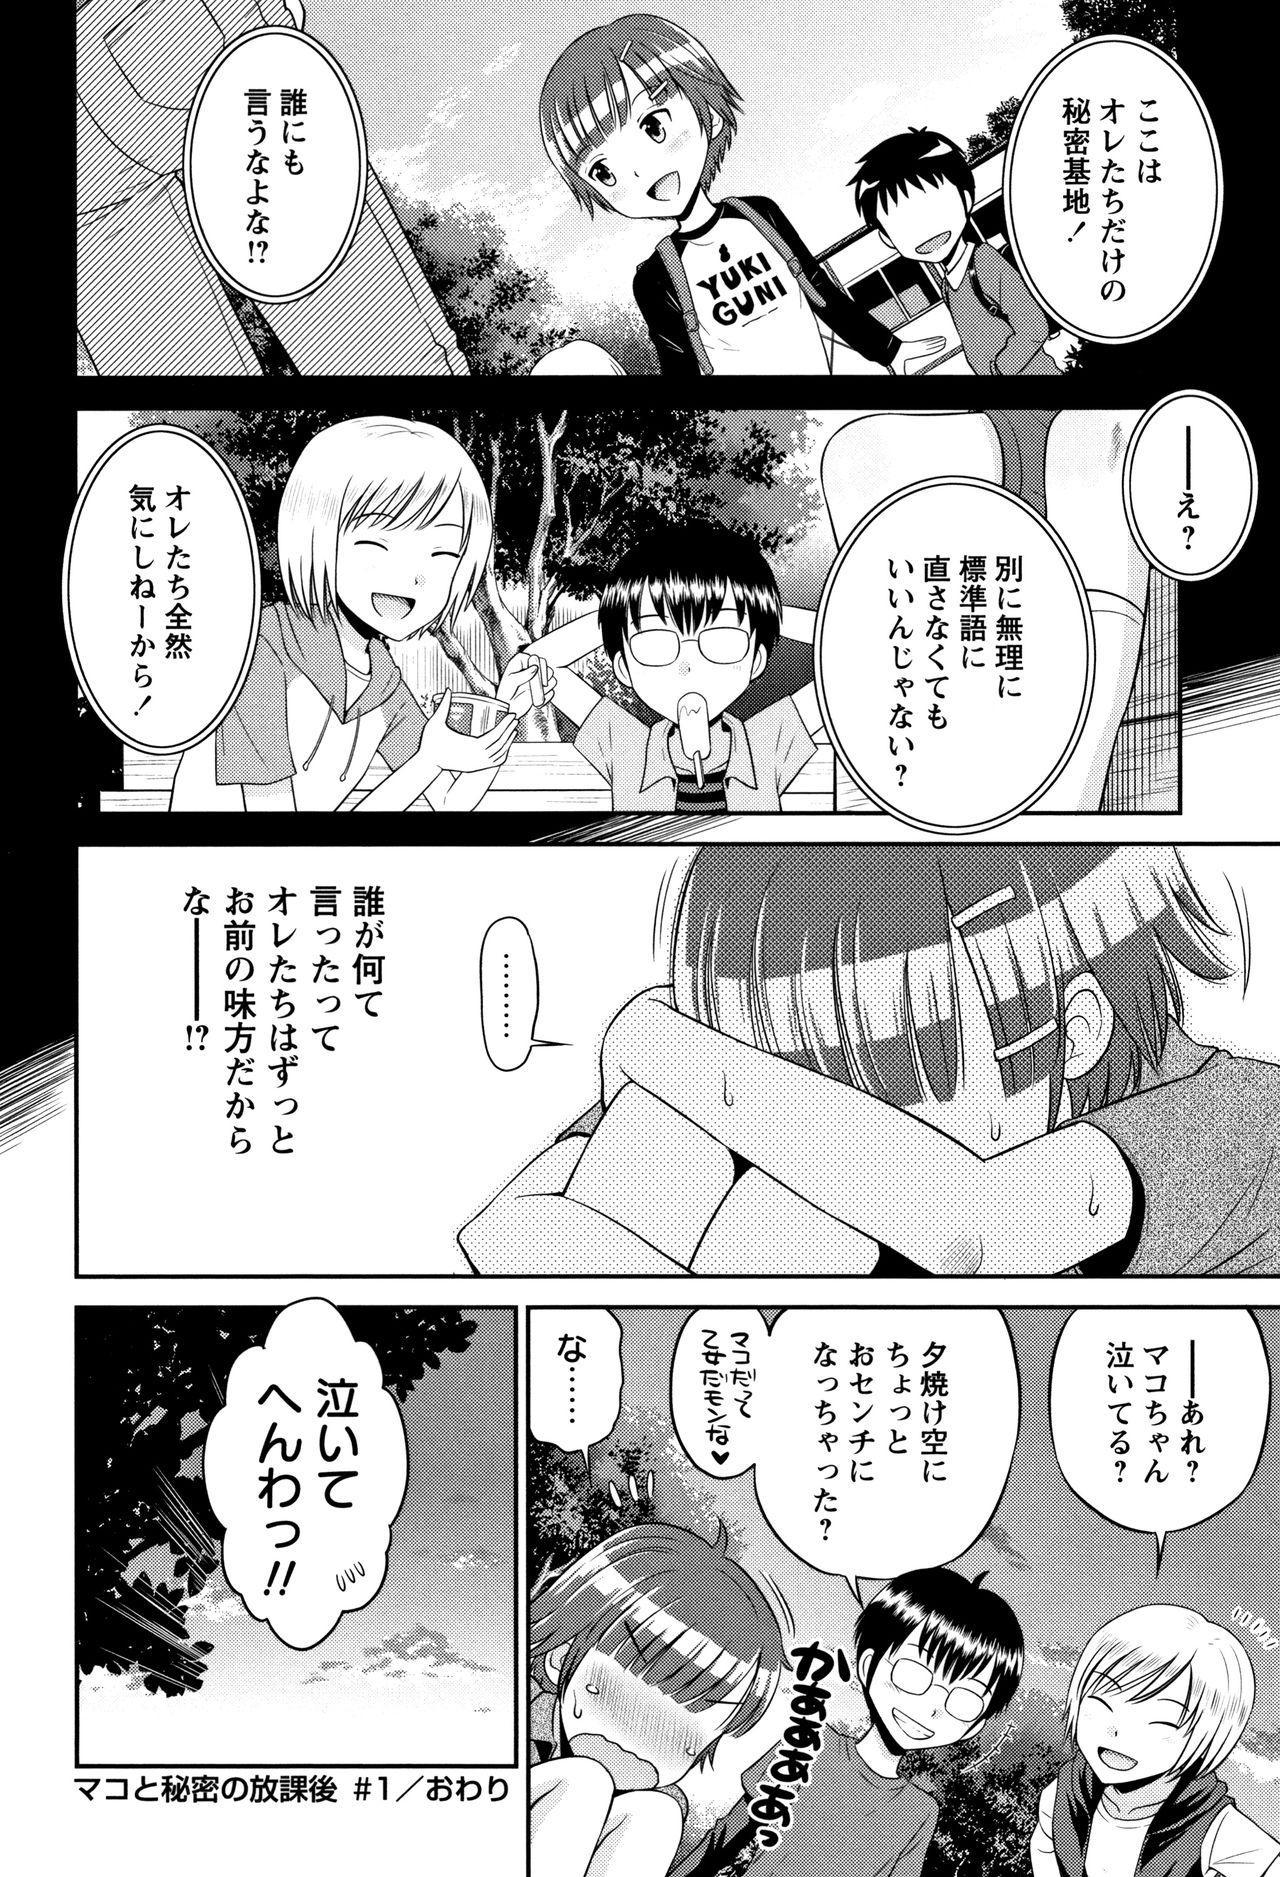 Mako to Himitsu no Houkago 34